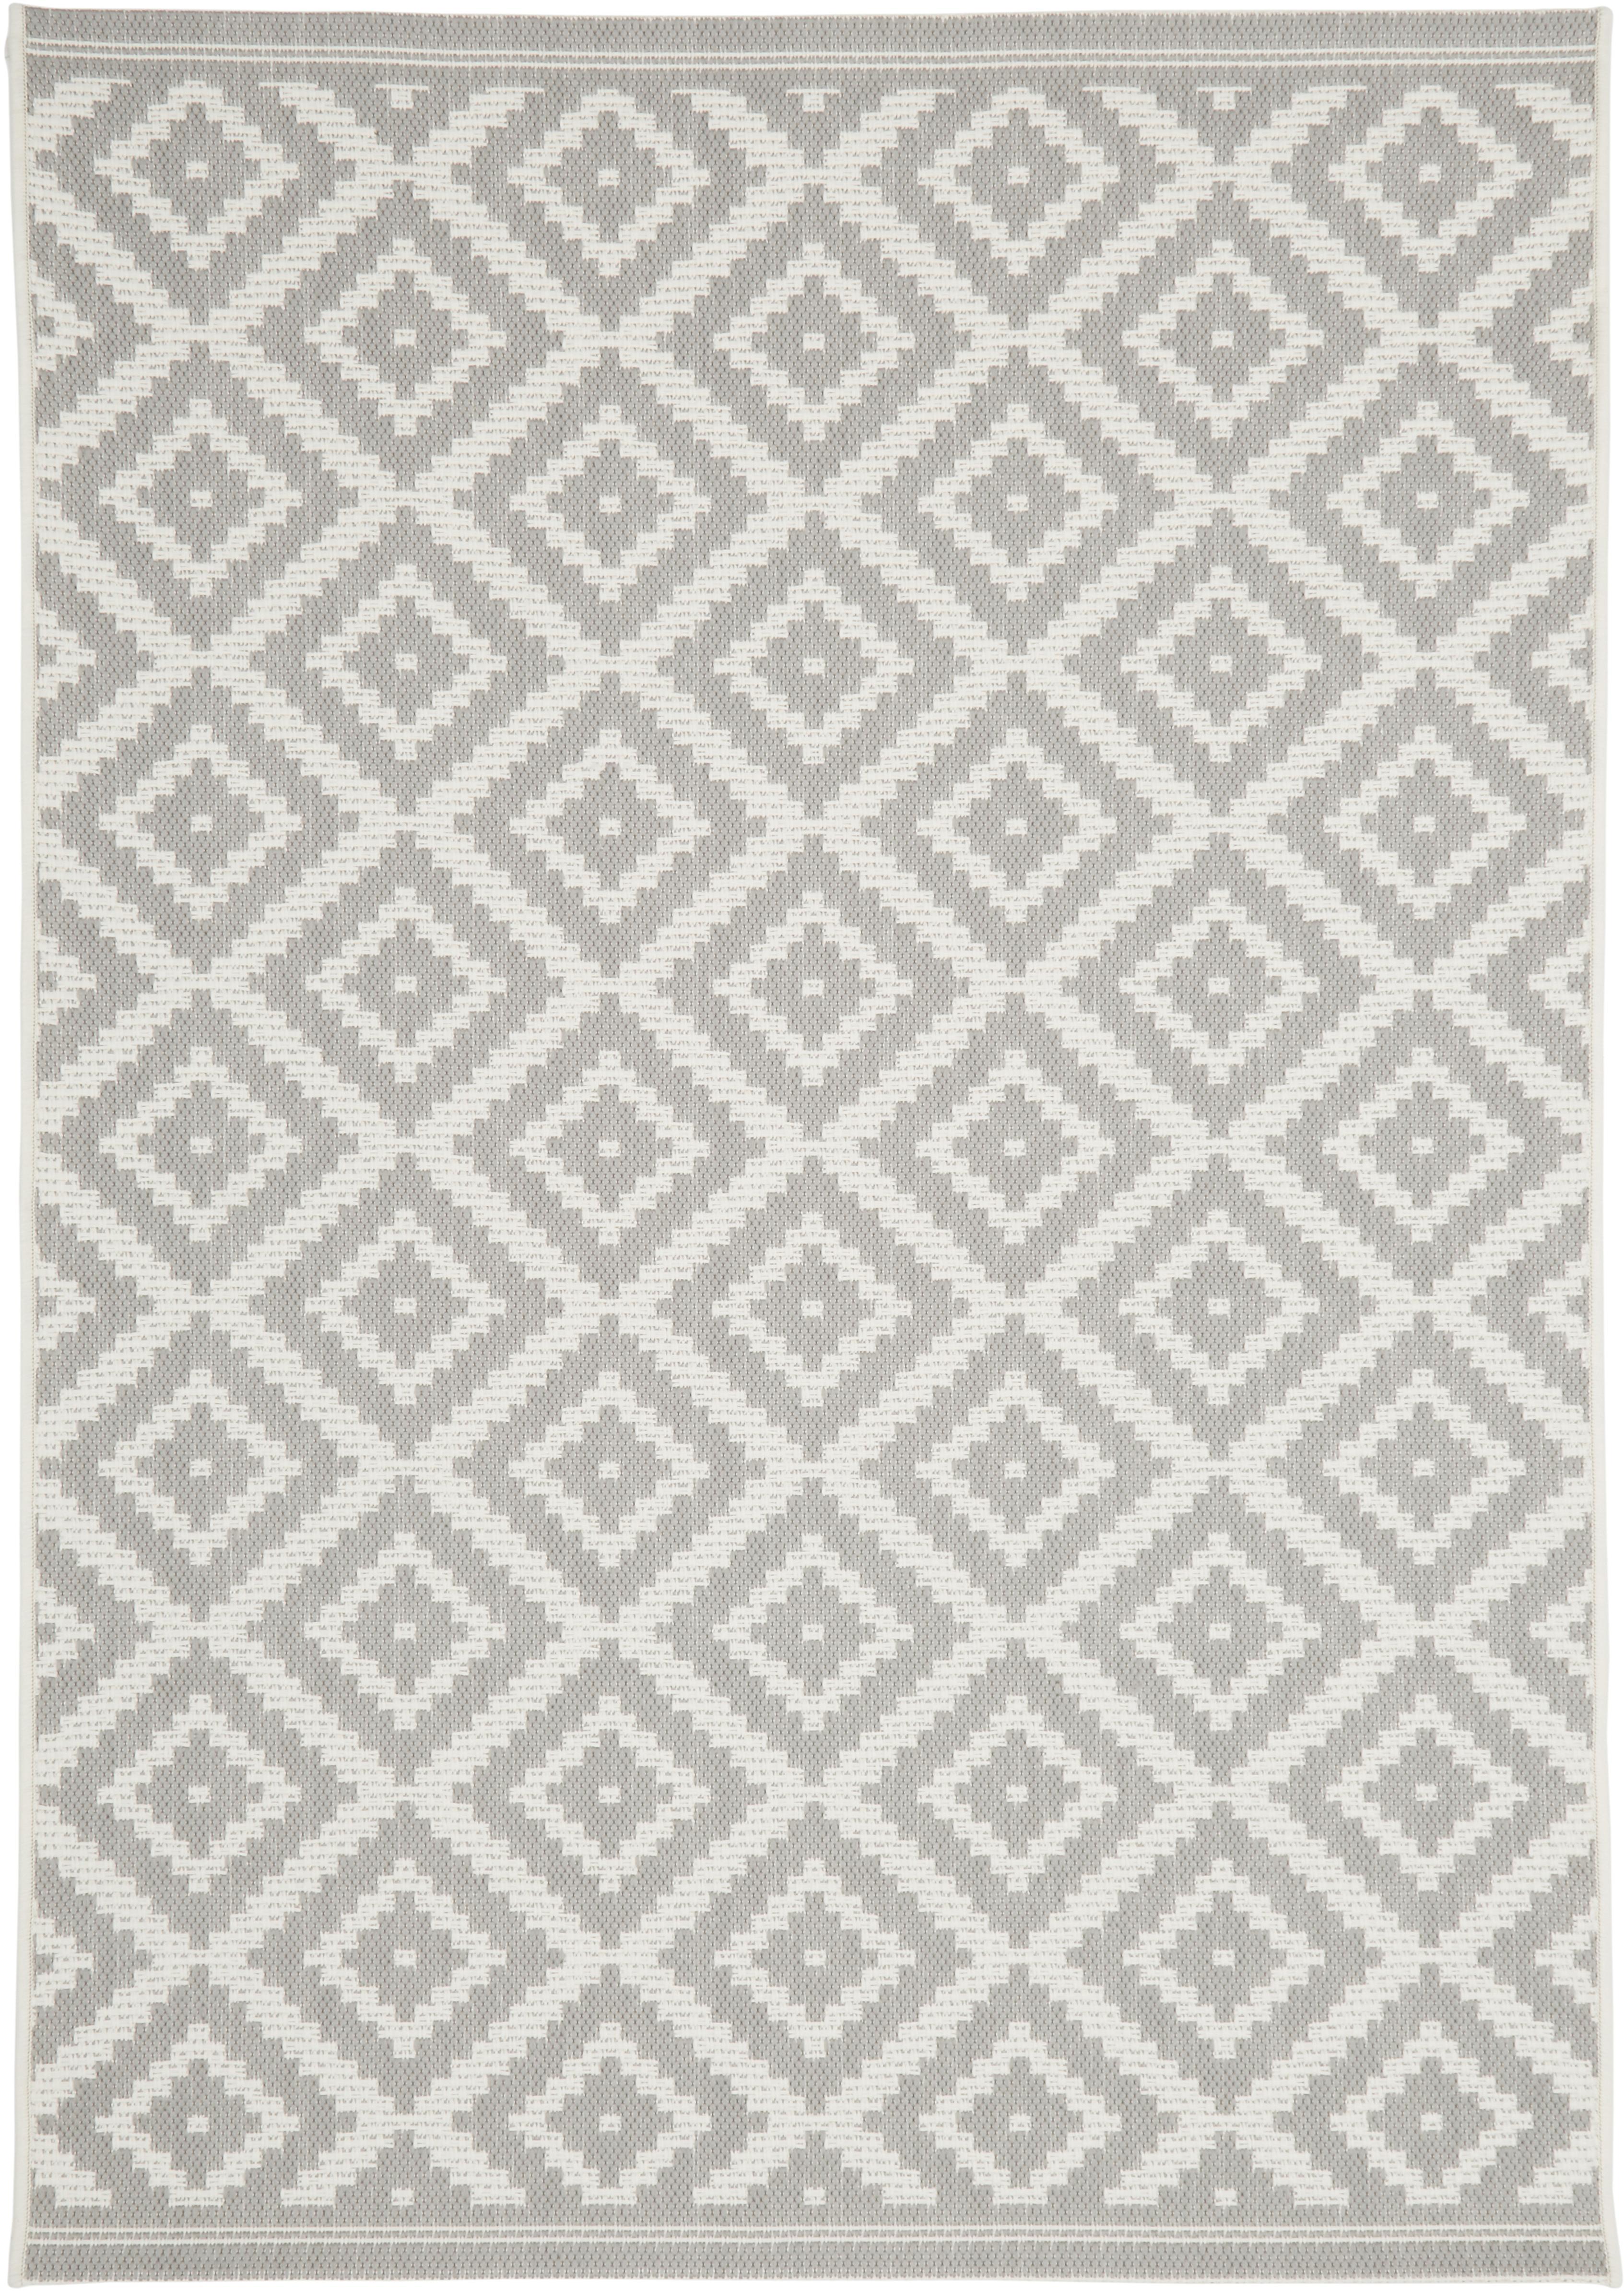 Tappeto da interno-esterno Miami, Retro: poliestere, Bianco crema, grigio, Larg. 120 x Lung. 170 cm (taglia s)